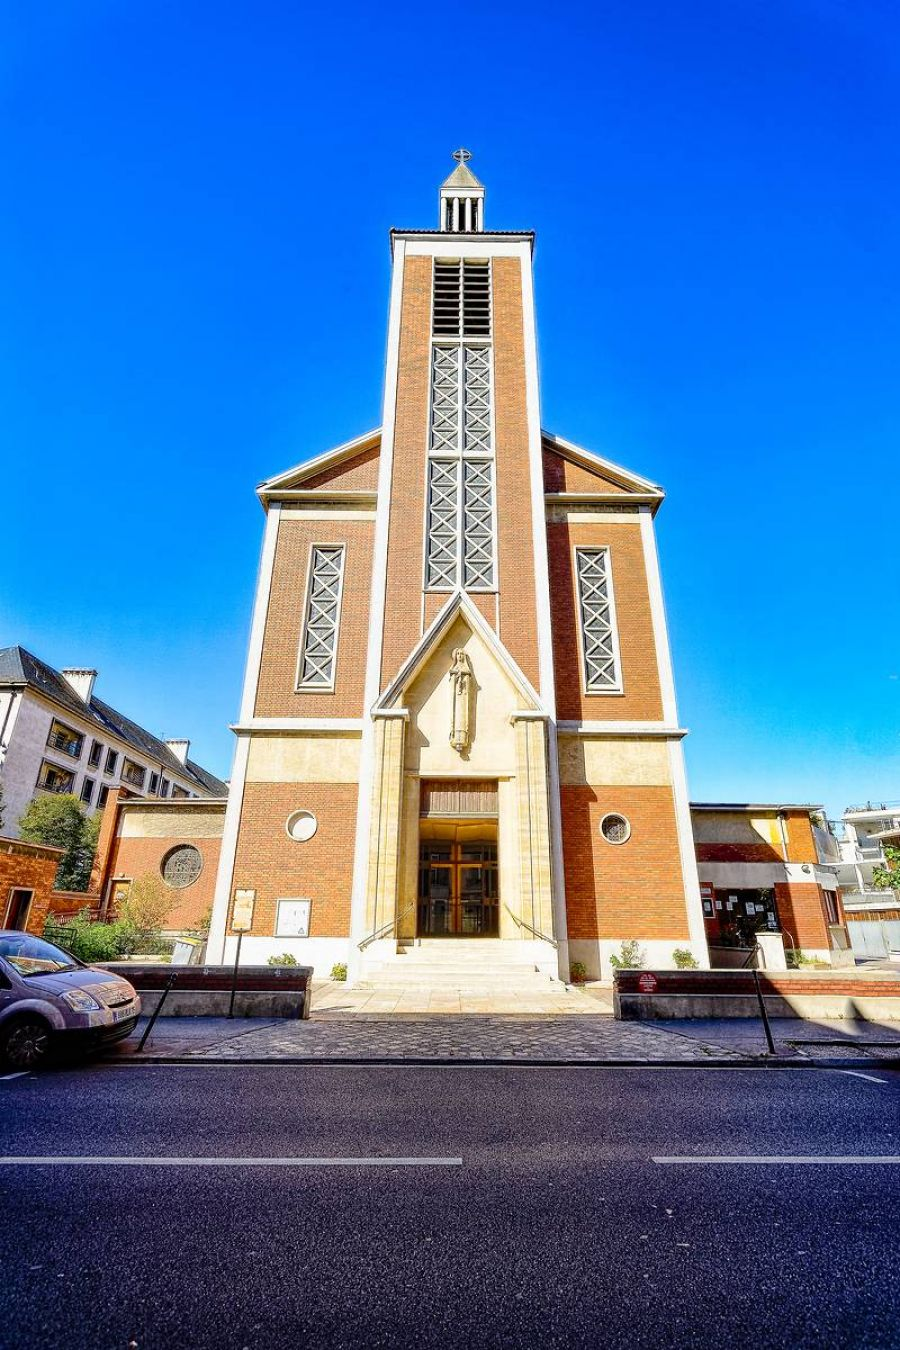 Portail et clocher de l'église Sainte-Thérèse de l'Enfant Jésus à Boulogne-Billancourt - Photo : Muriel Bergasa